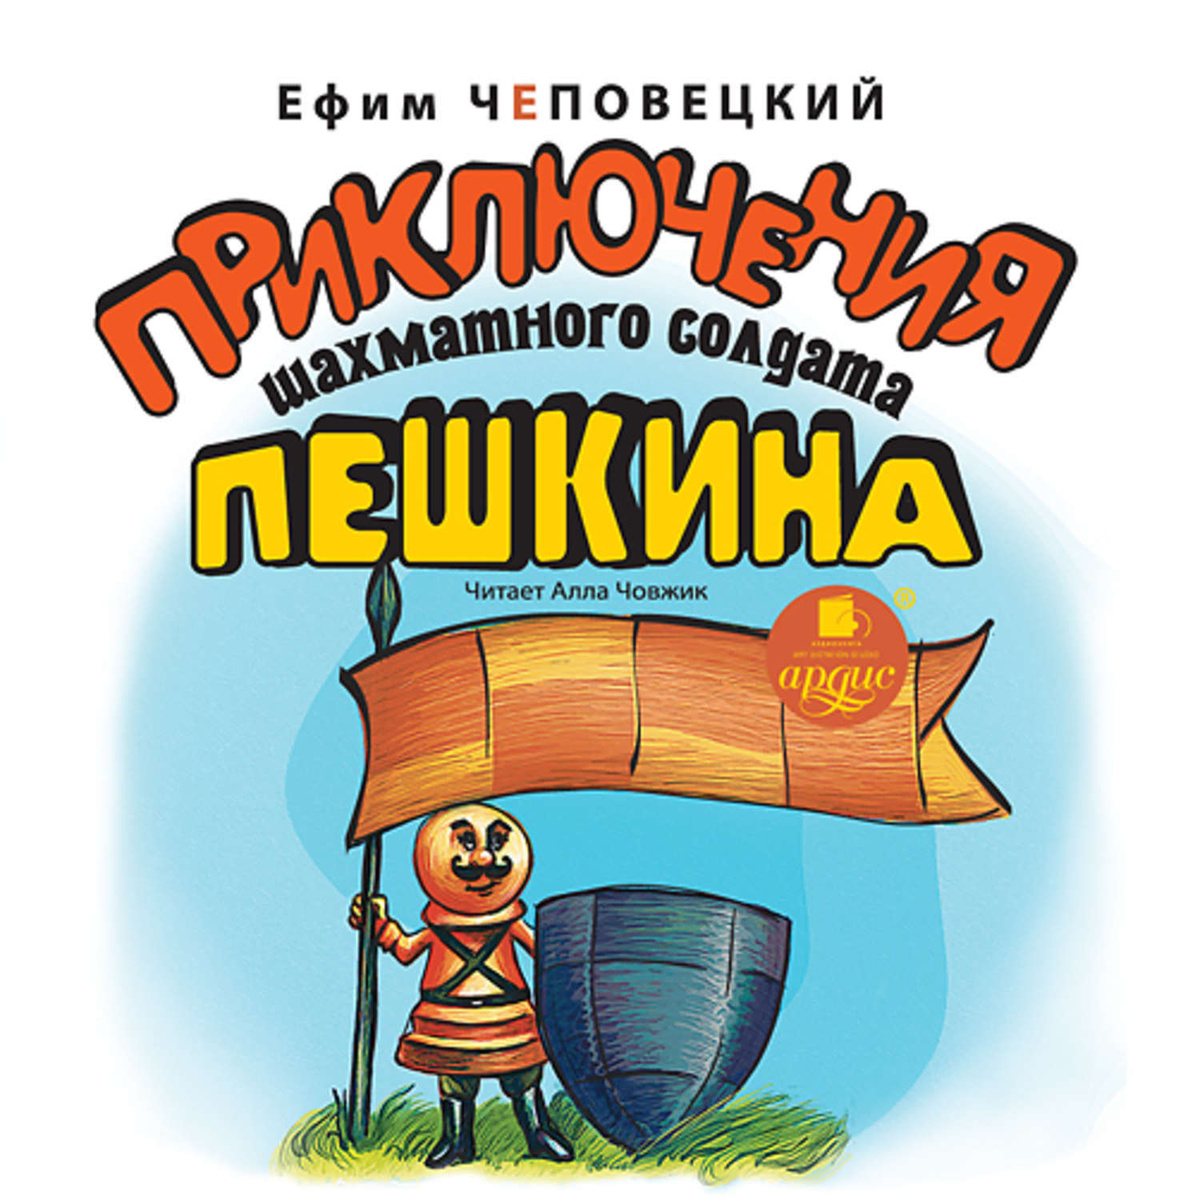 Приключения шахматного солдата Пешкина | Чеповецкий Ефим Петрович  #1